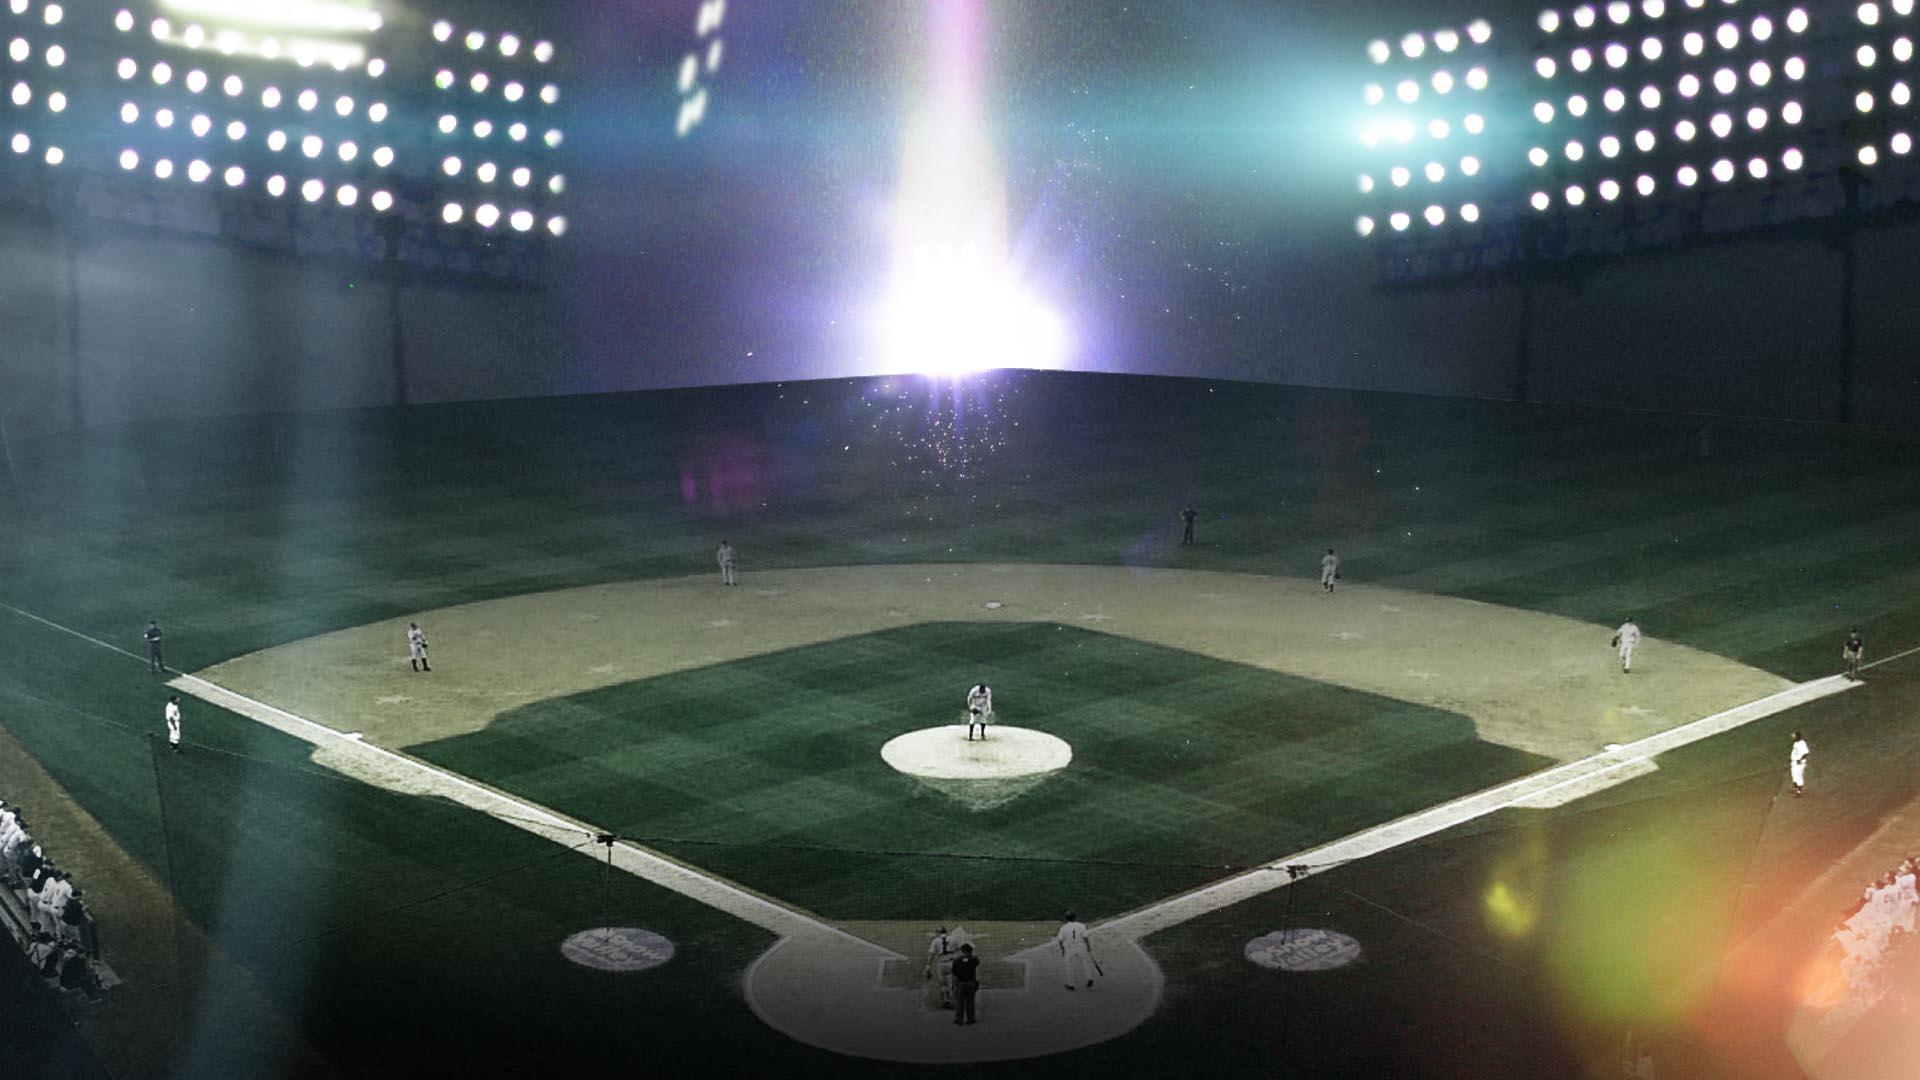 スマホ 壁紙 野球 スマホ 壁紙 野球壁紙かっこいい あなたのための最高の壁紙画像